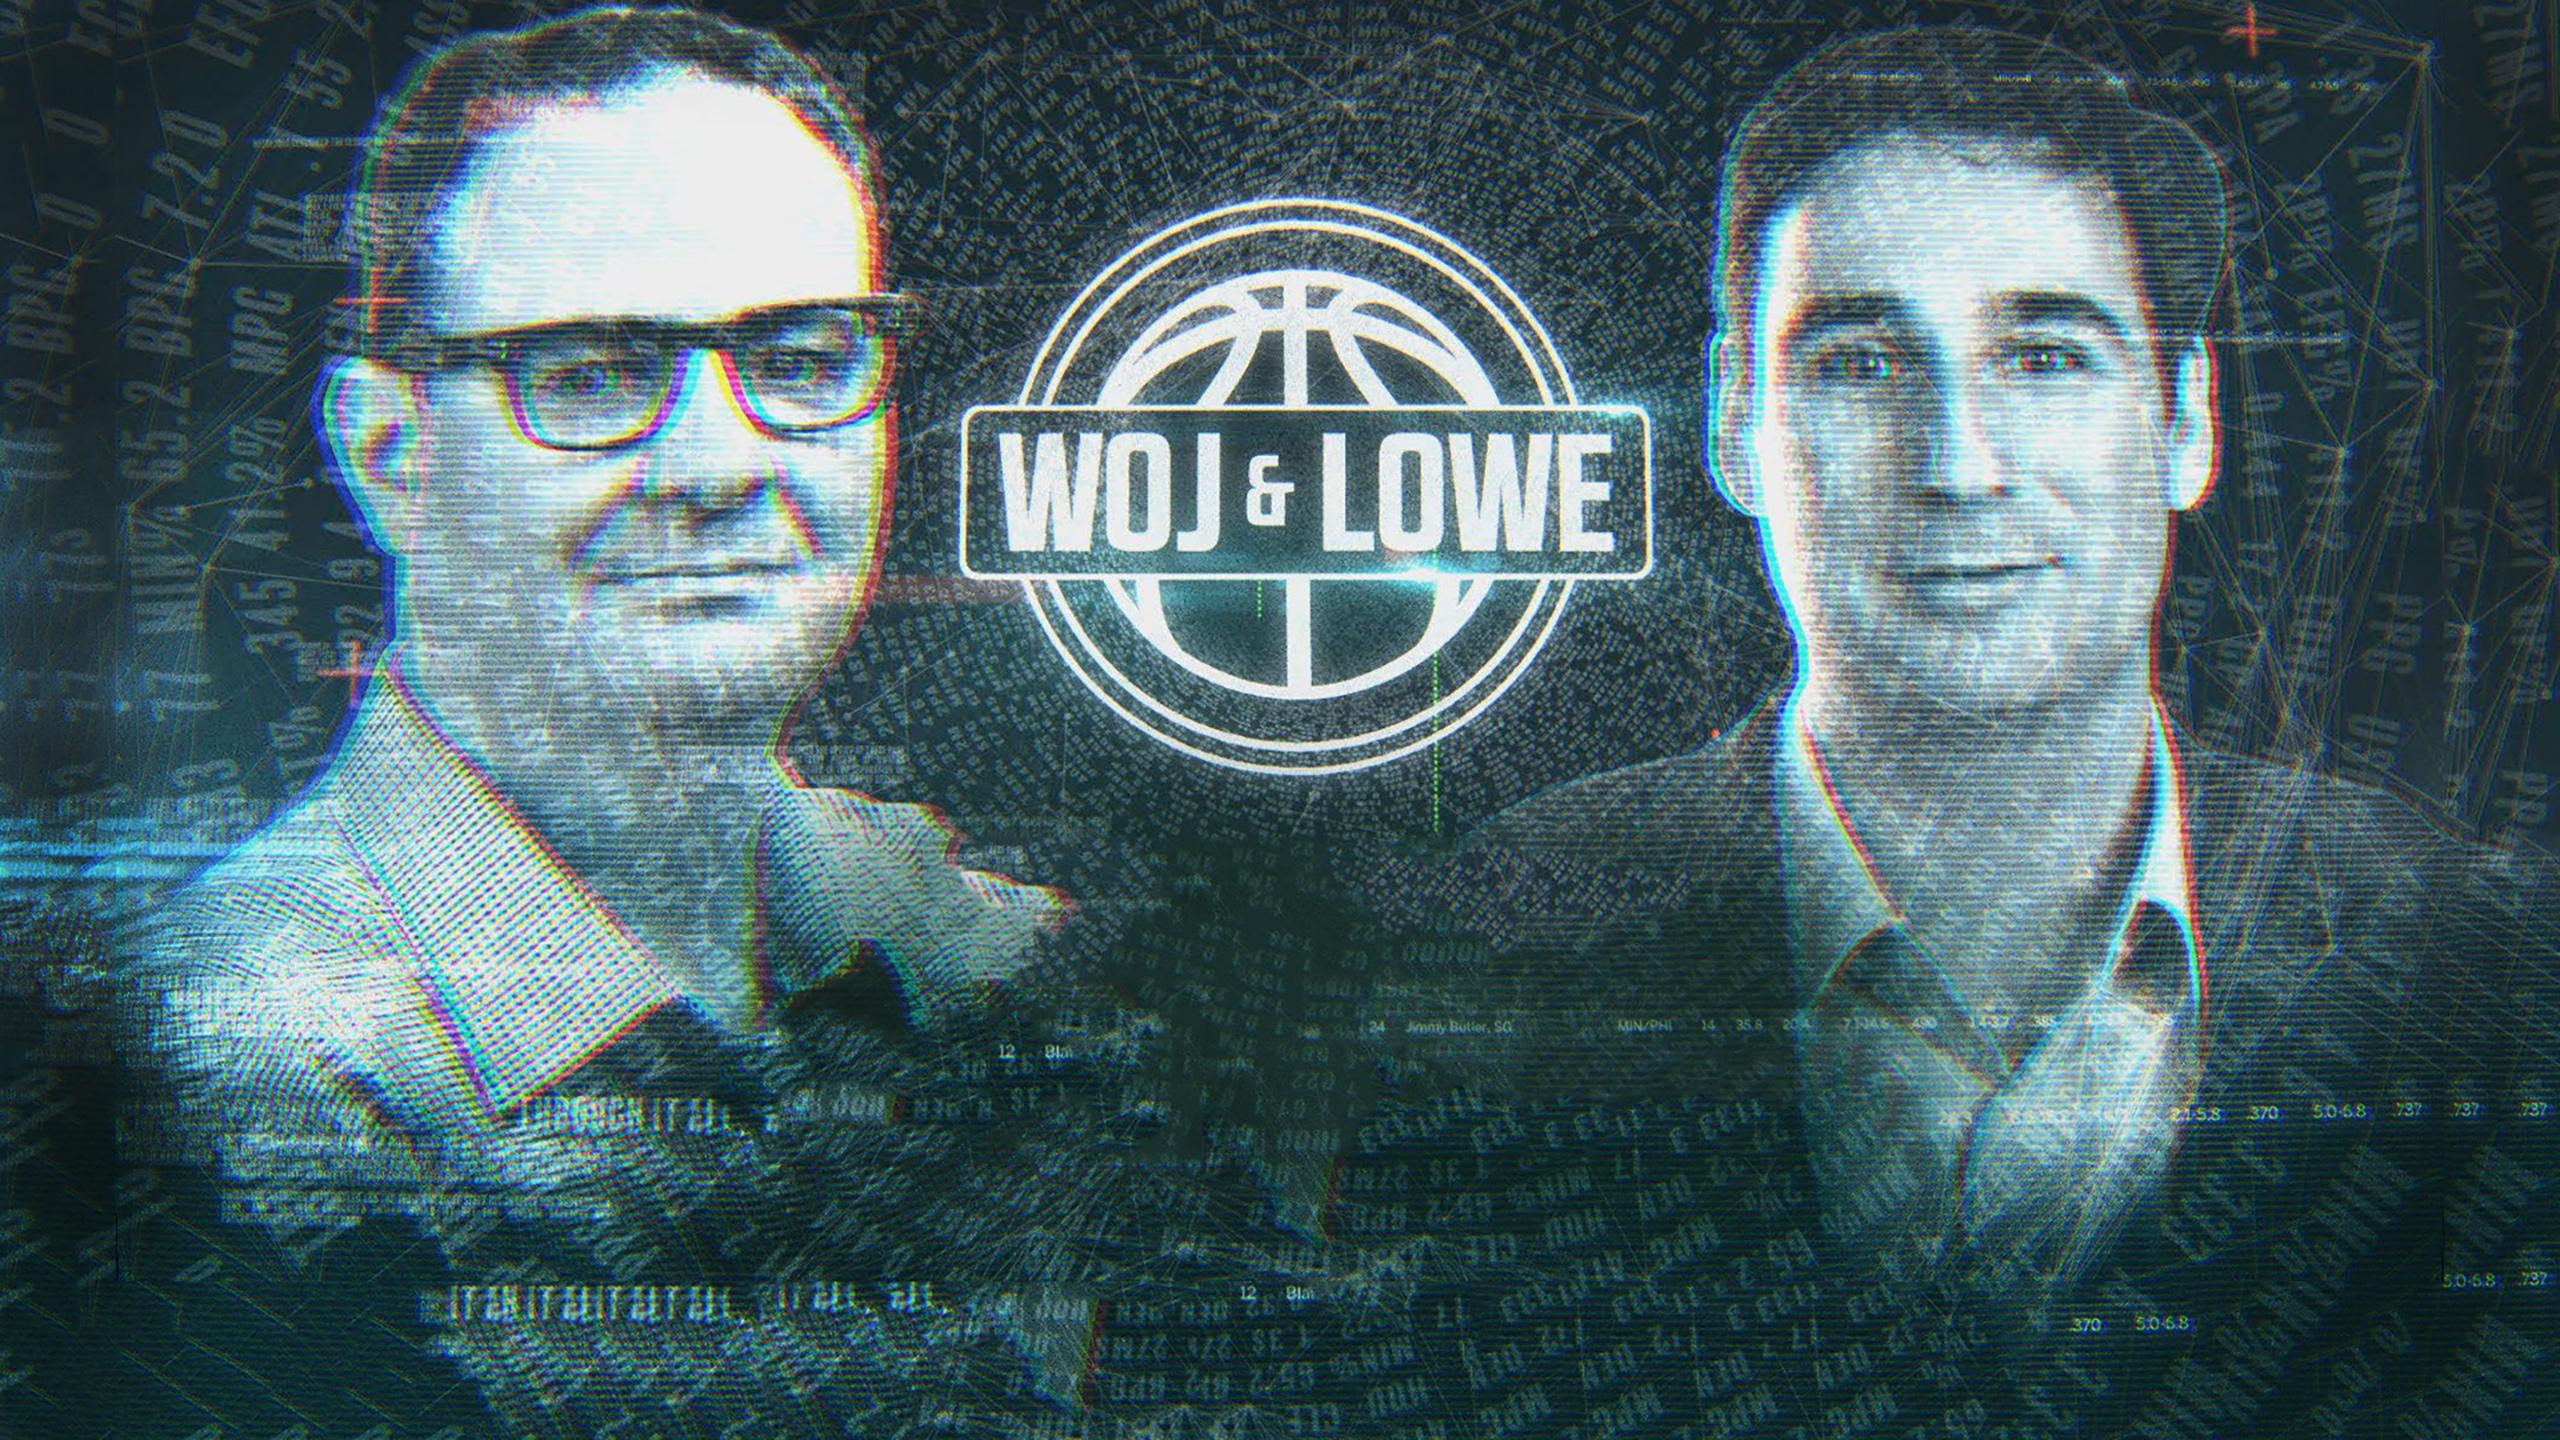 Woj & Lowe